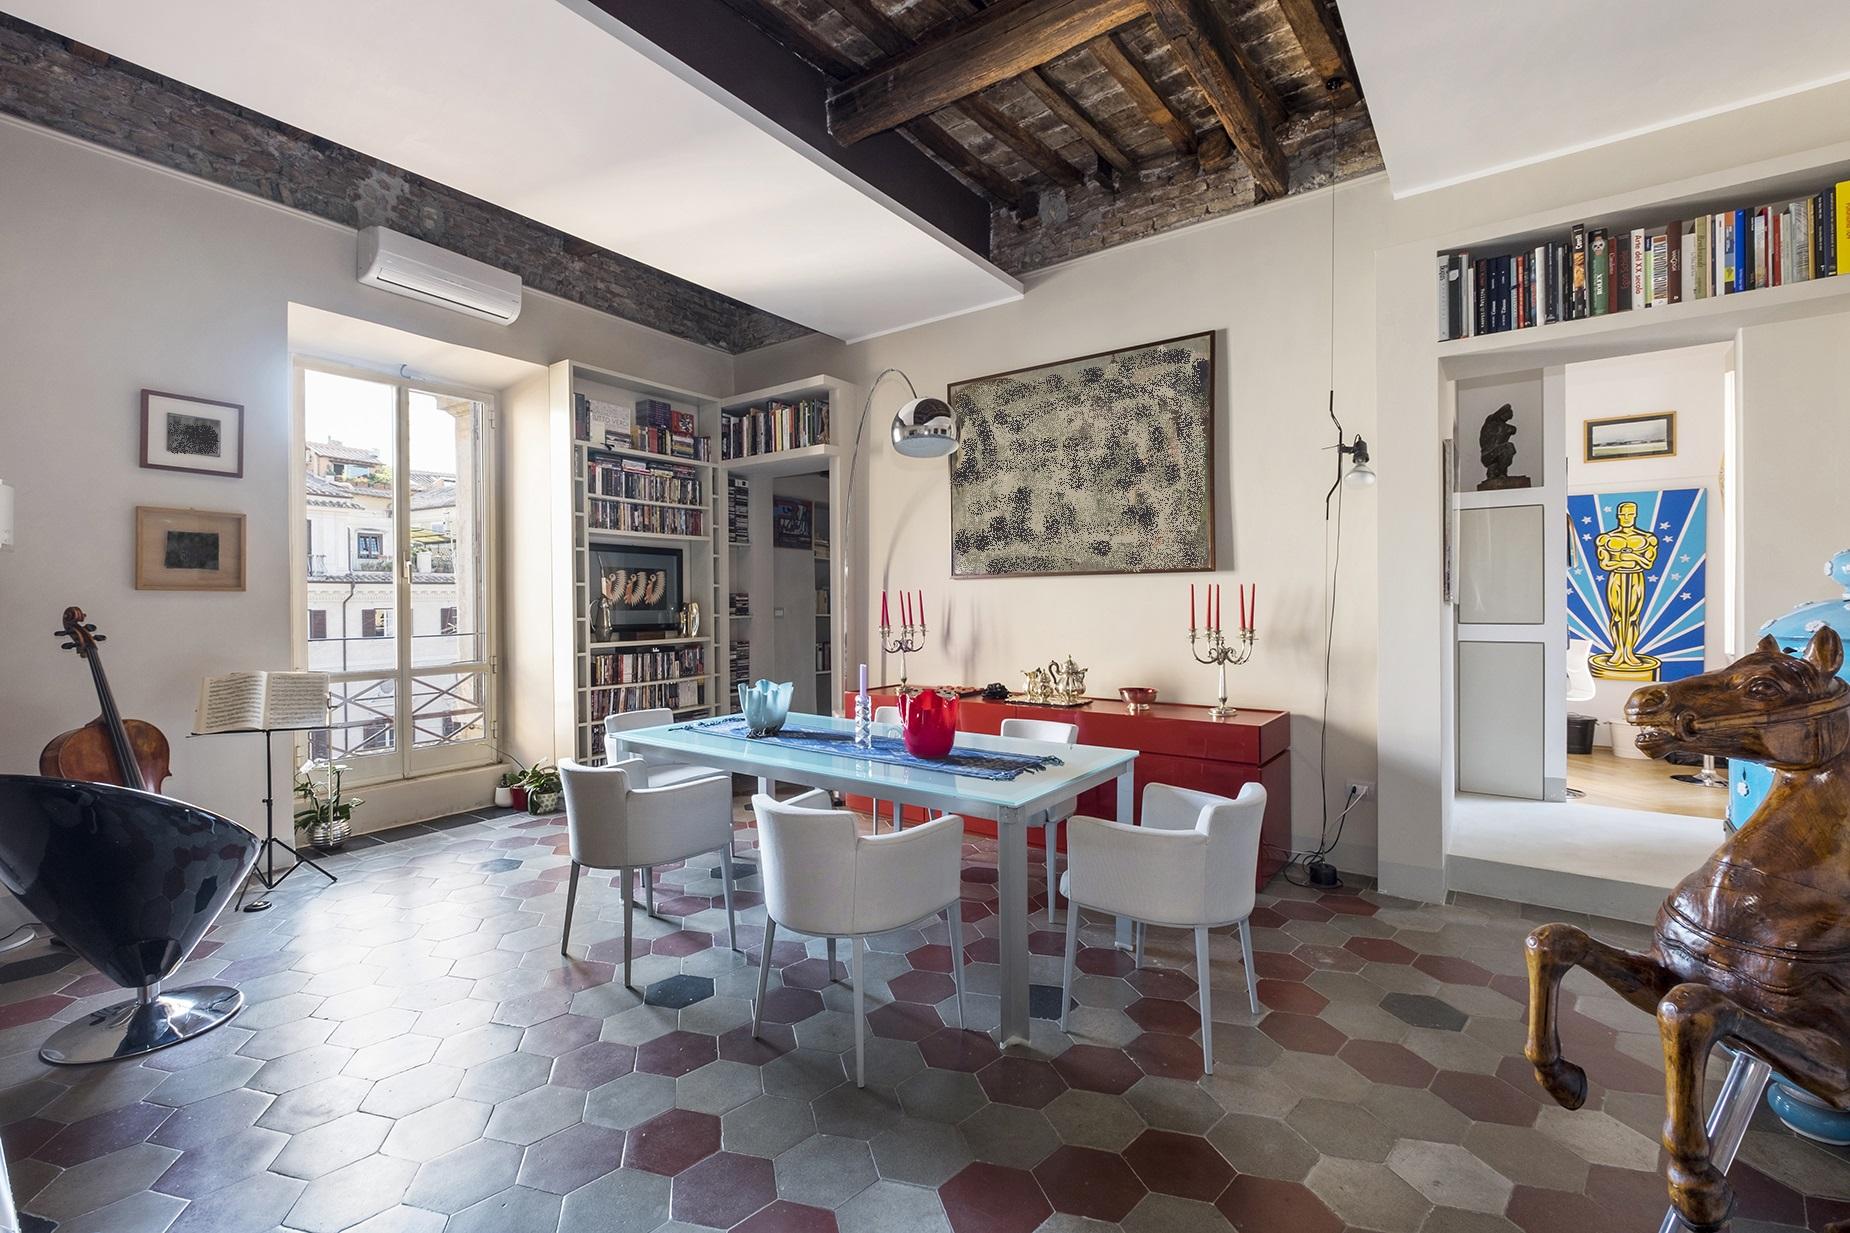 Appartamento di lusso in vendita a roma piazza margana for Appartamento design roma